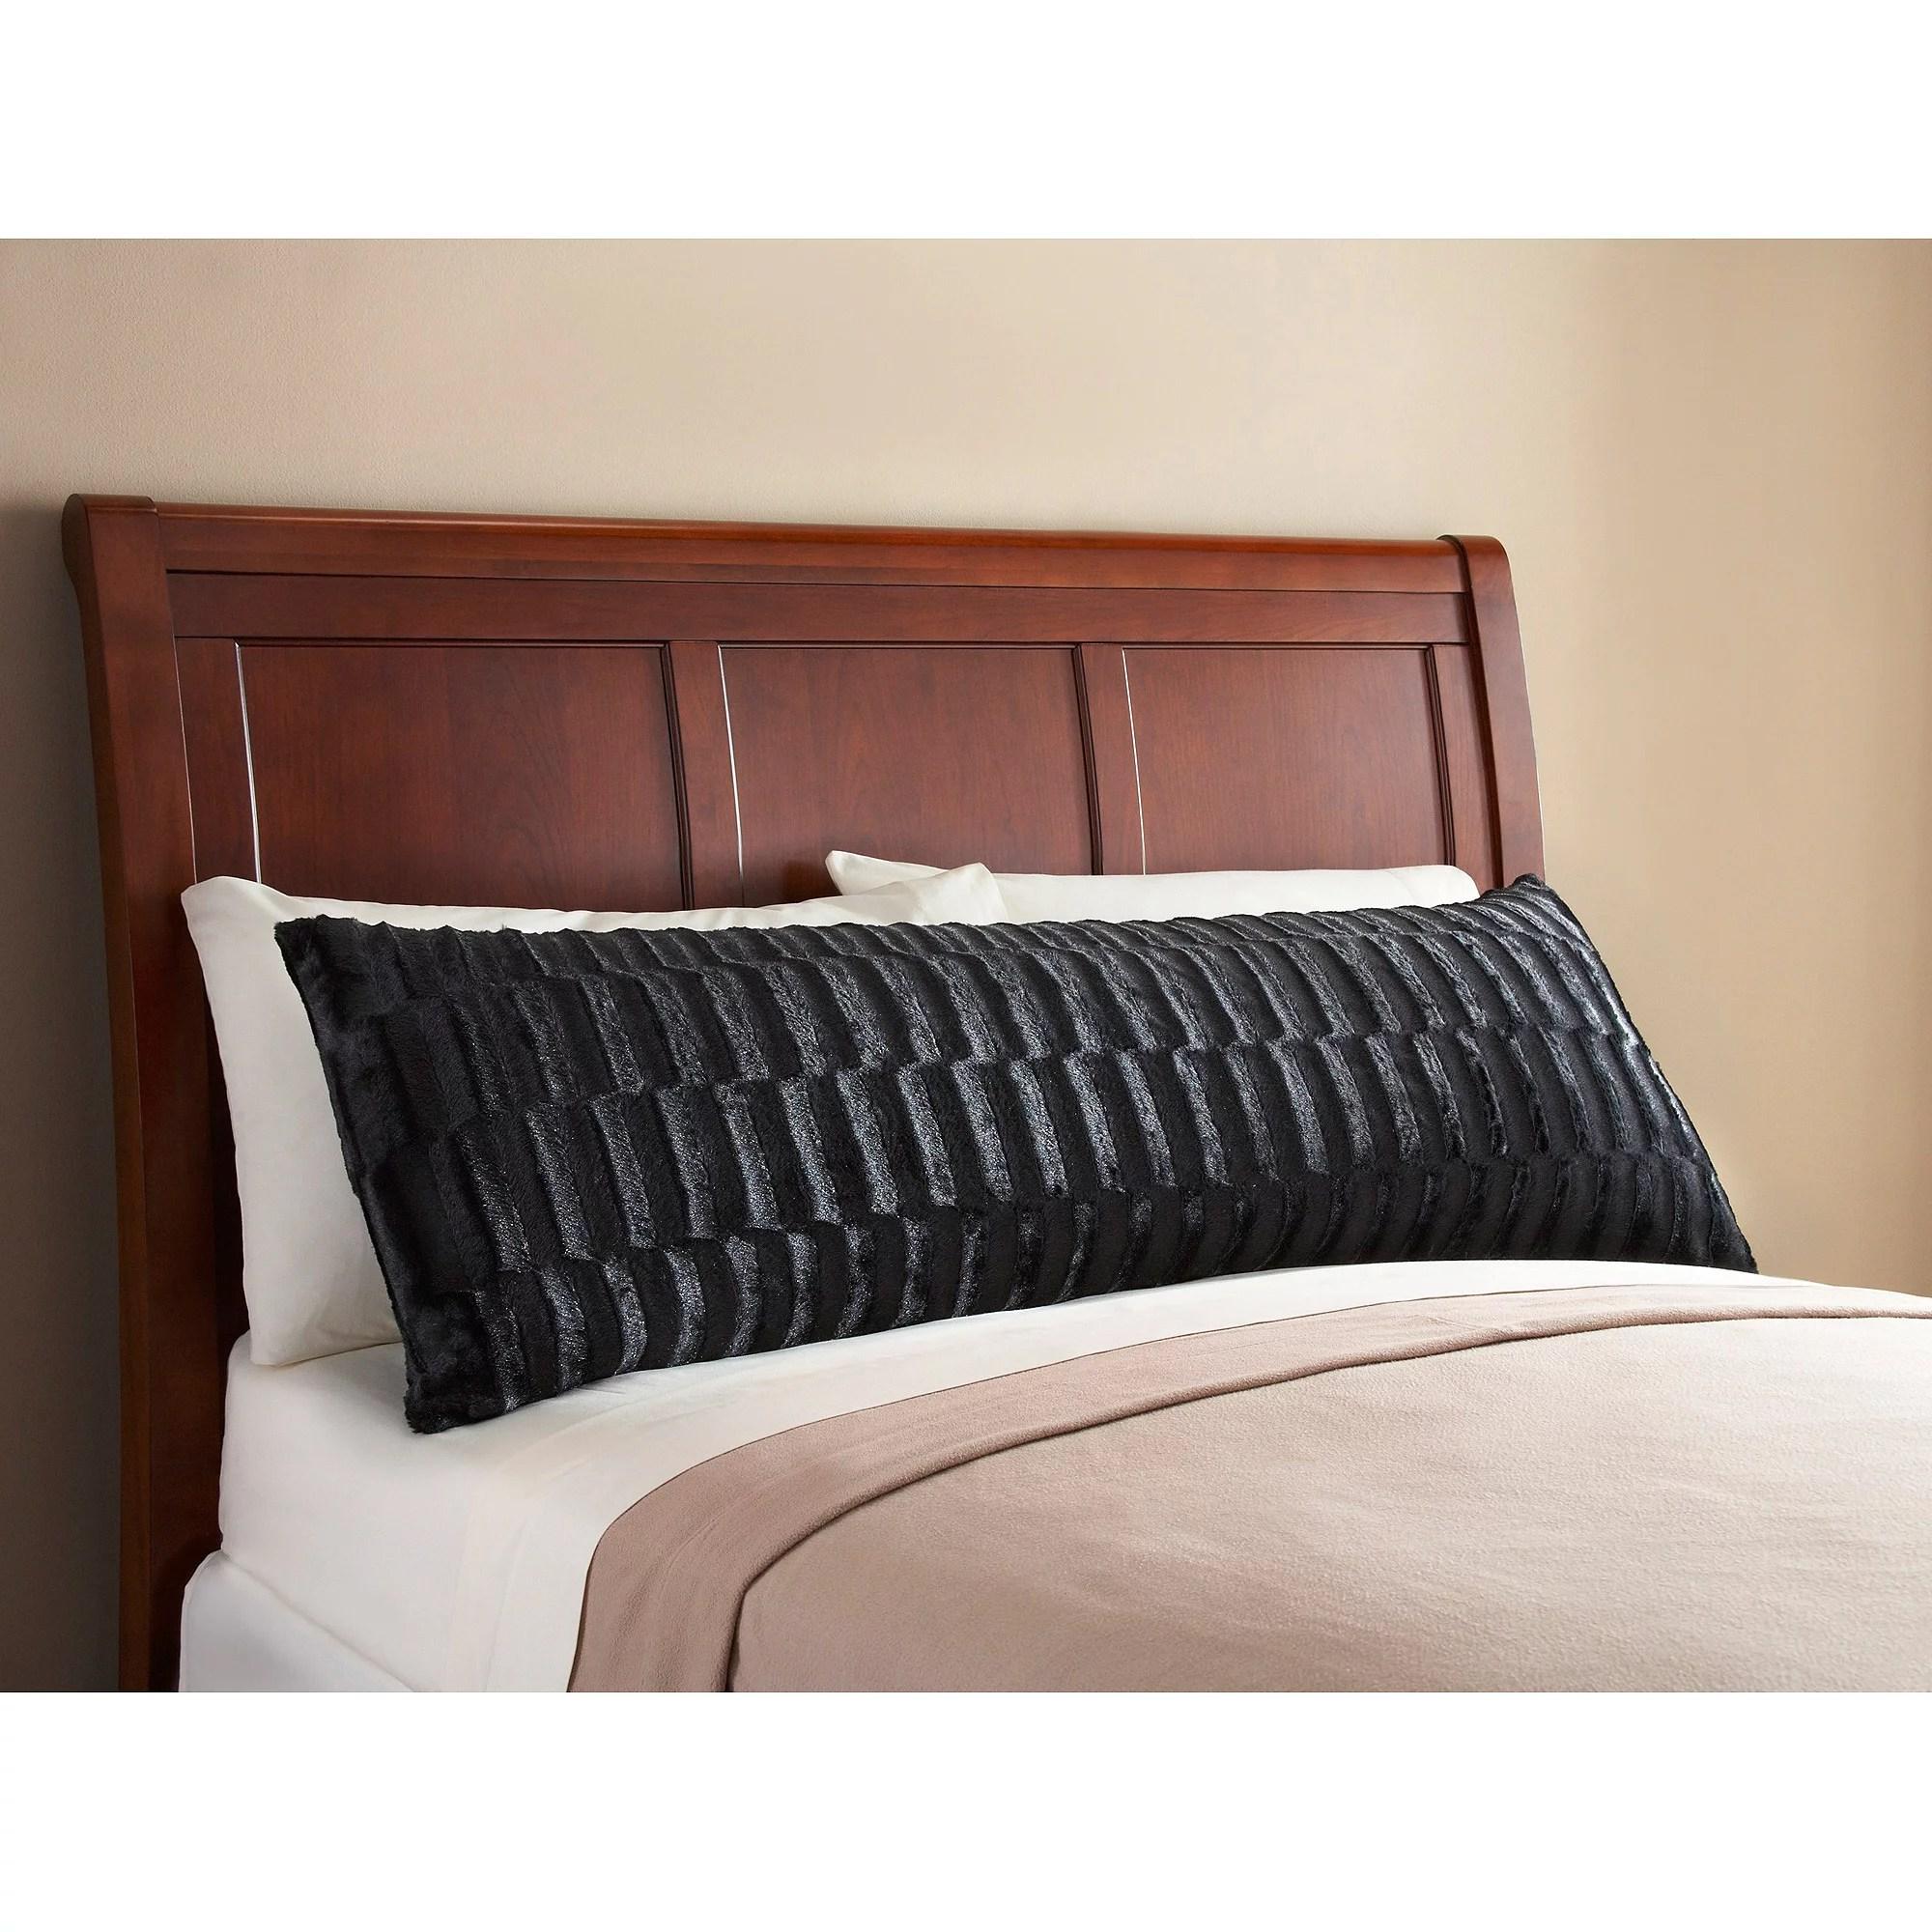 Mainstays Fur Body Pillow Cover Walmartcom